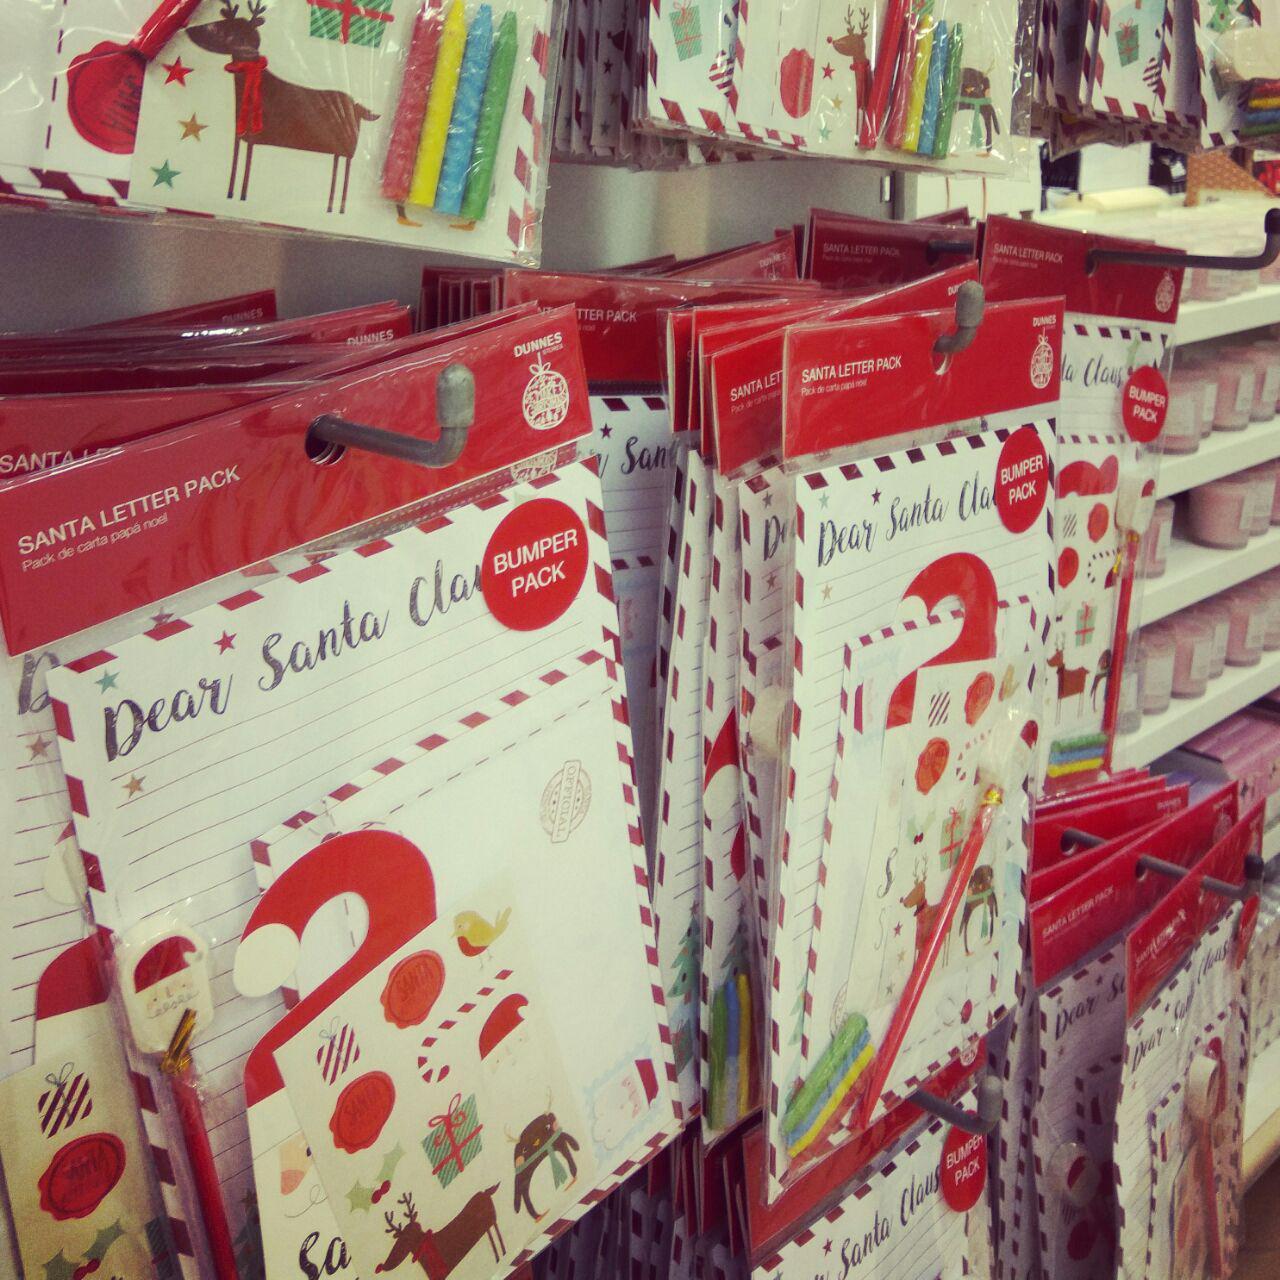 愛爾蘭聖誕節給聖誕老人的信 Christmas in Ireland Letter to Santa